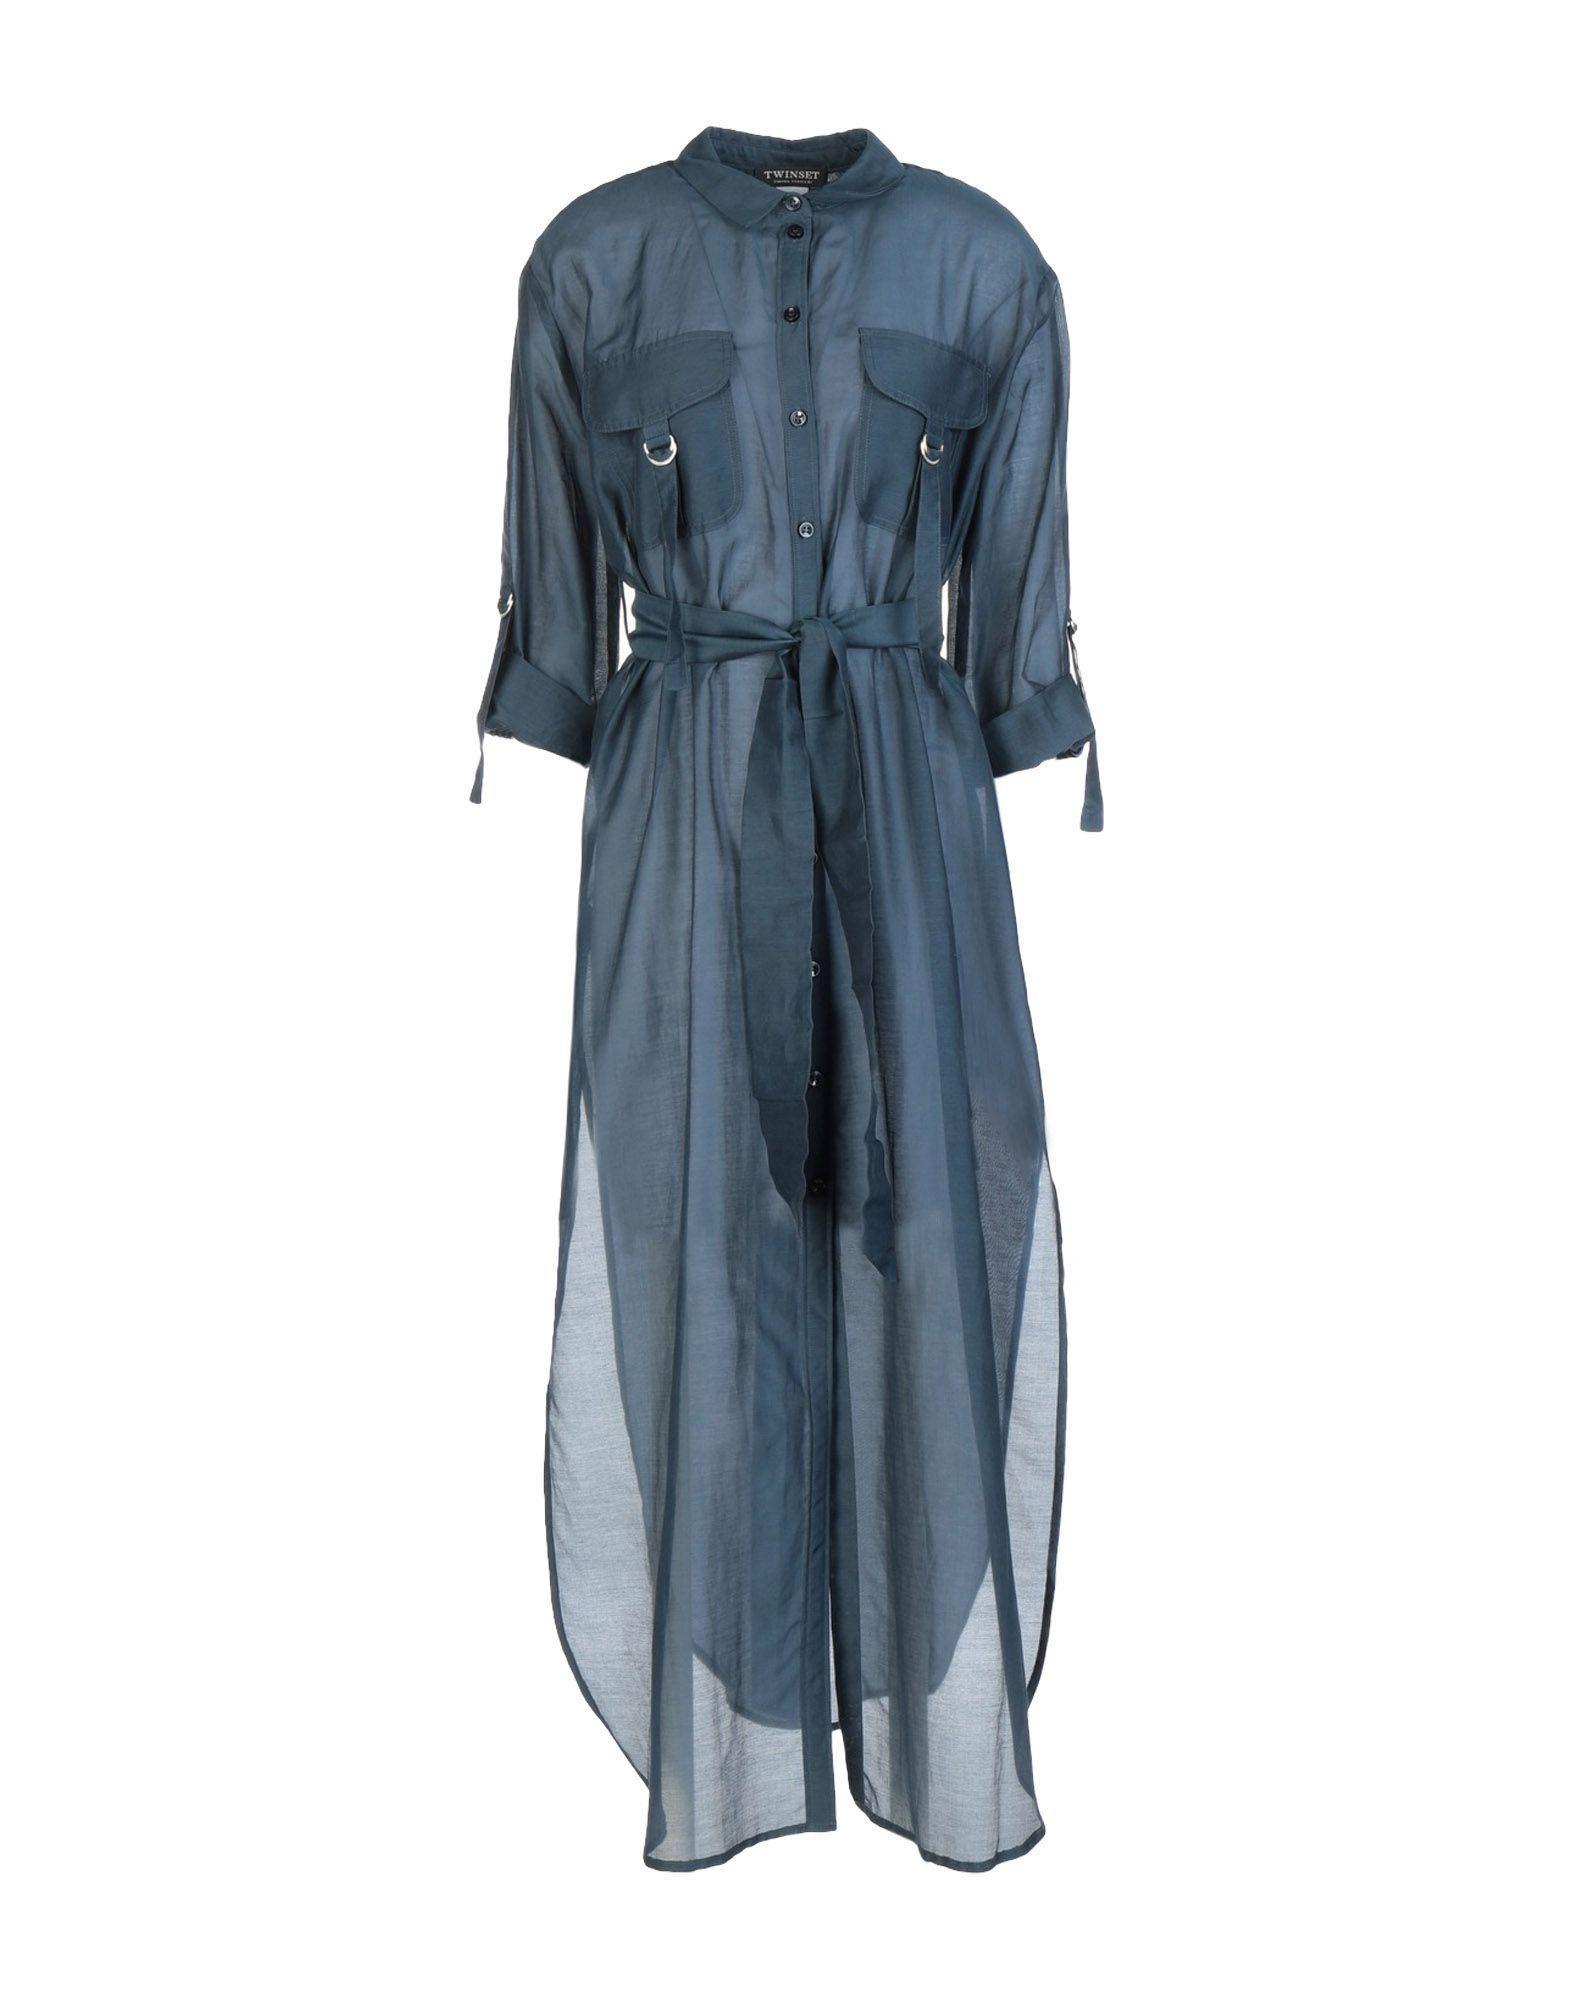 Lyst - Vestido largo Twin Set de color Azul ad2c94c60233